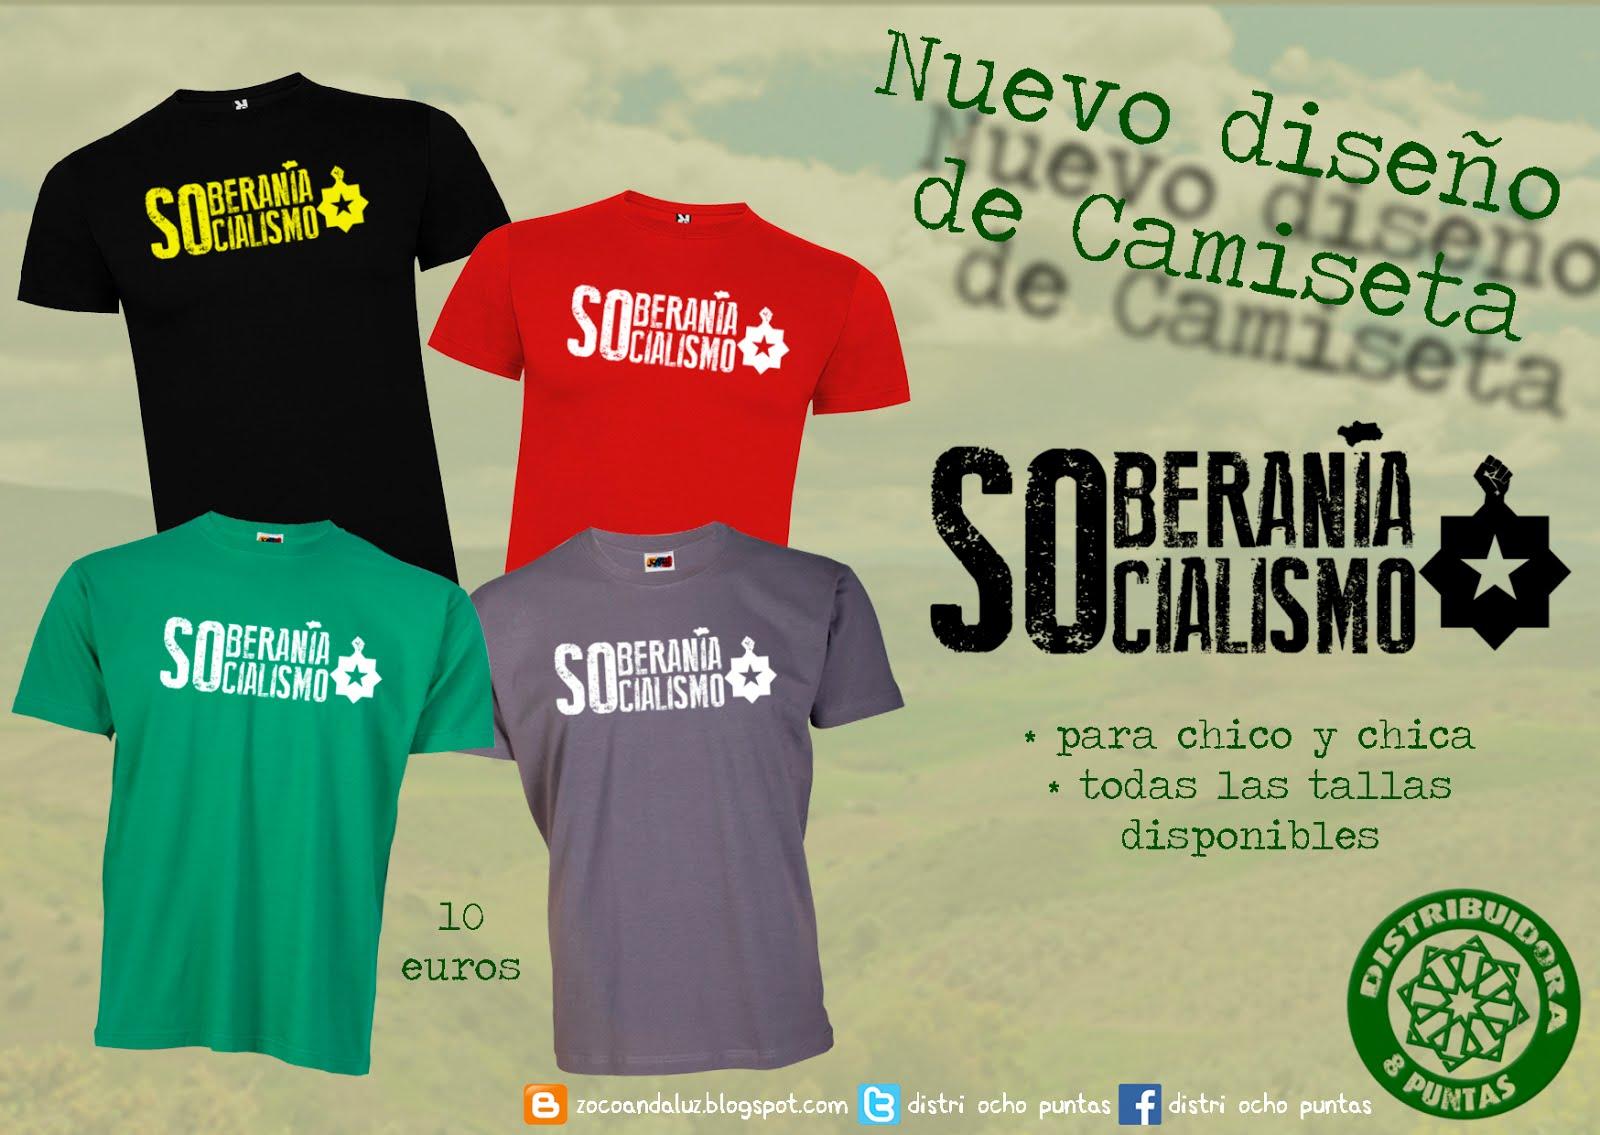 Camisetas Soberanía/Socialismo